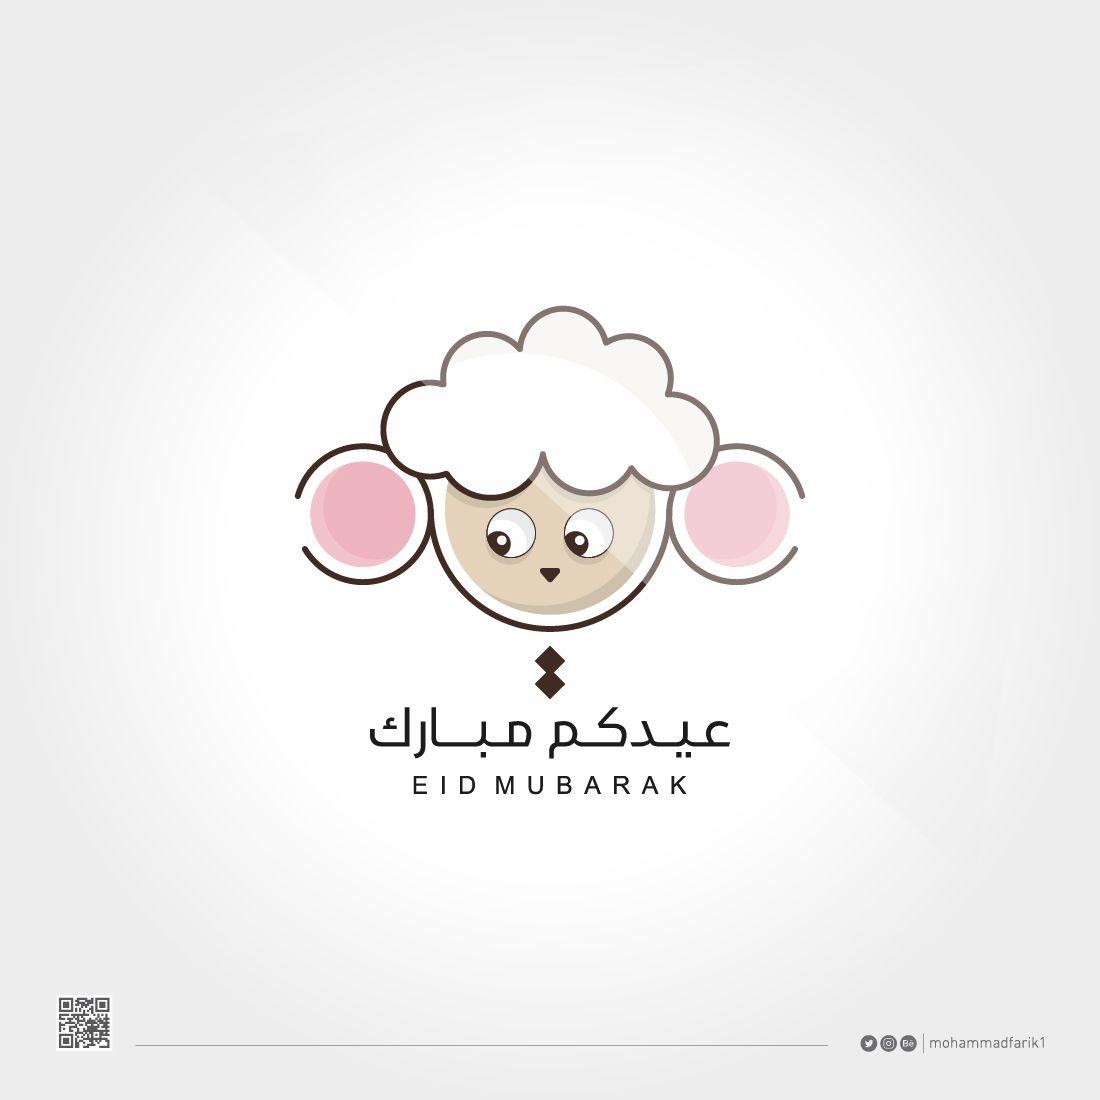 عيد الأضحى المبارك 2017 Happy Eid New Idea By Mohammad Farik Eid Arabic Mohammadfarik Syrianart Arts Art Typograp Eid Stickers Eid Greetings Eid Cards